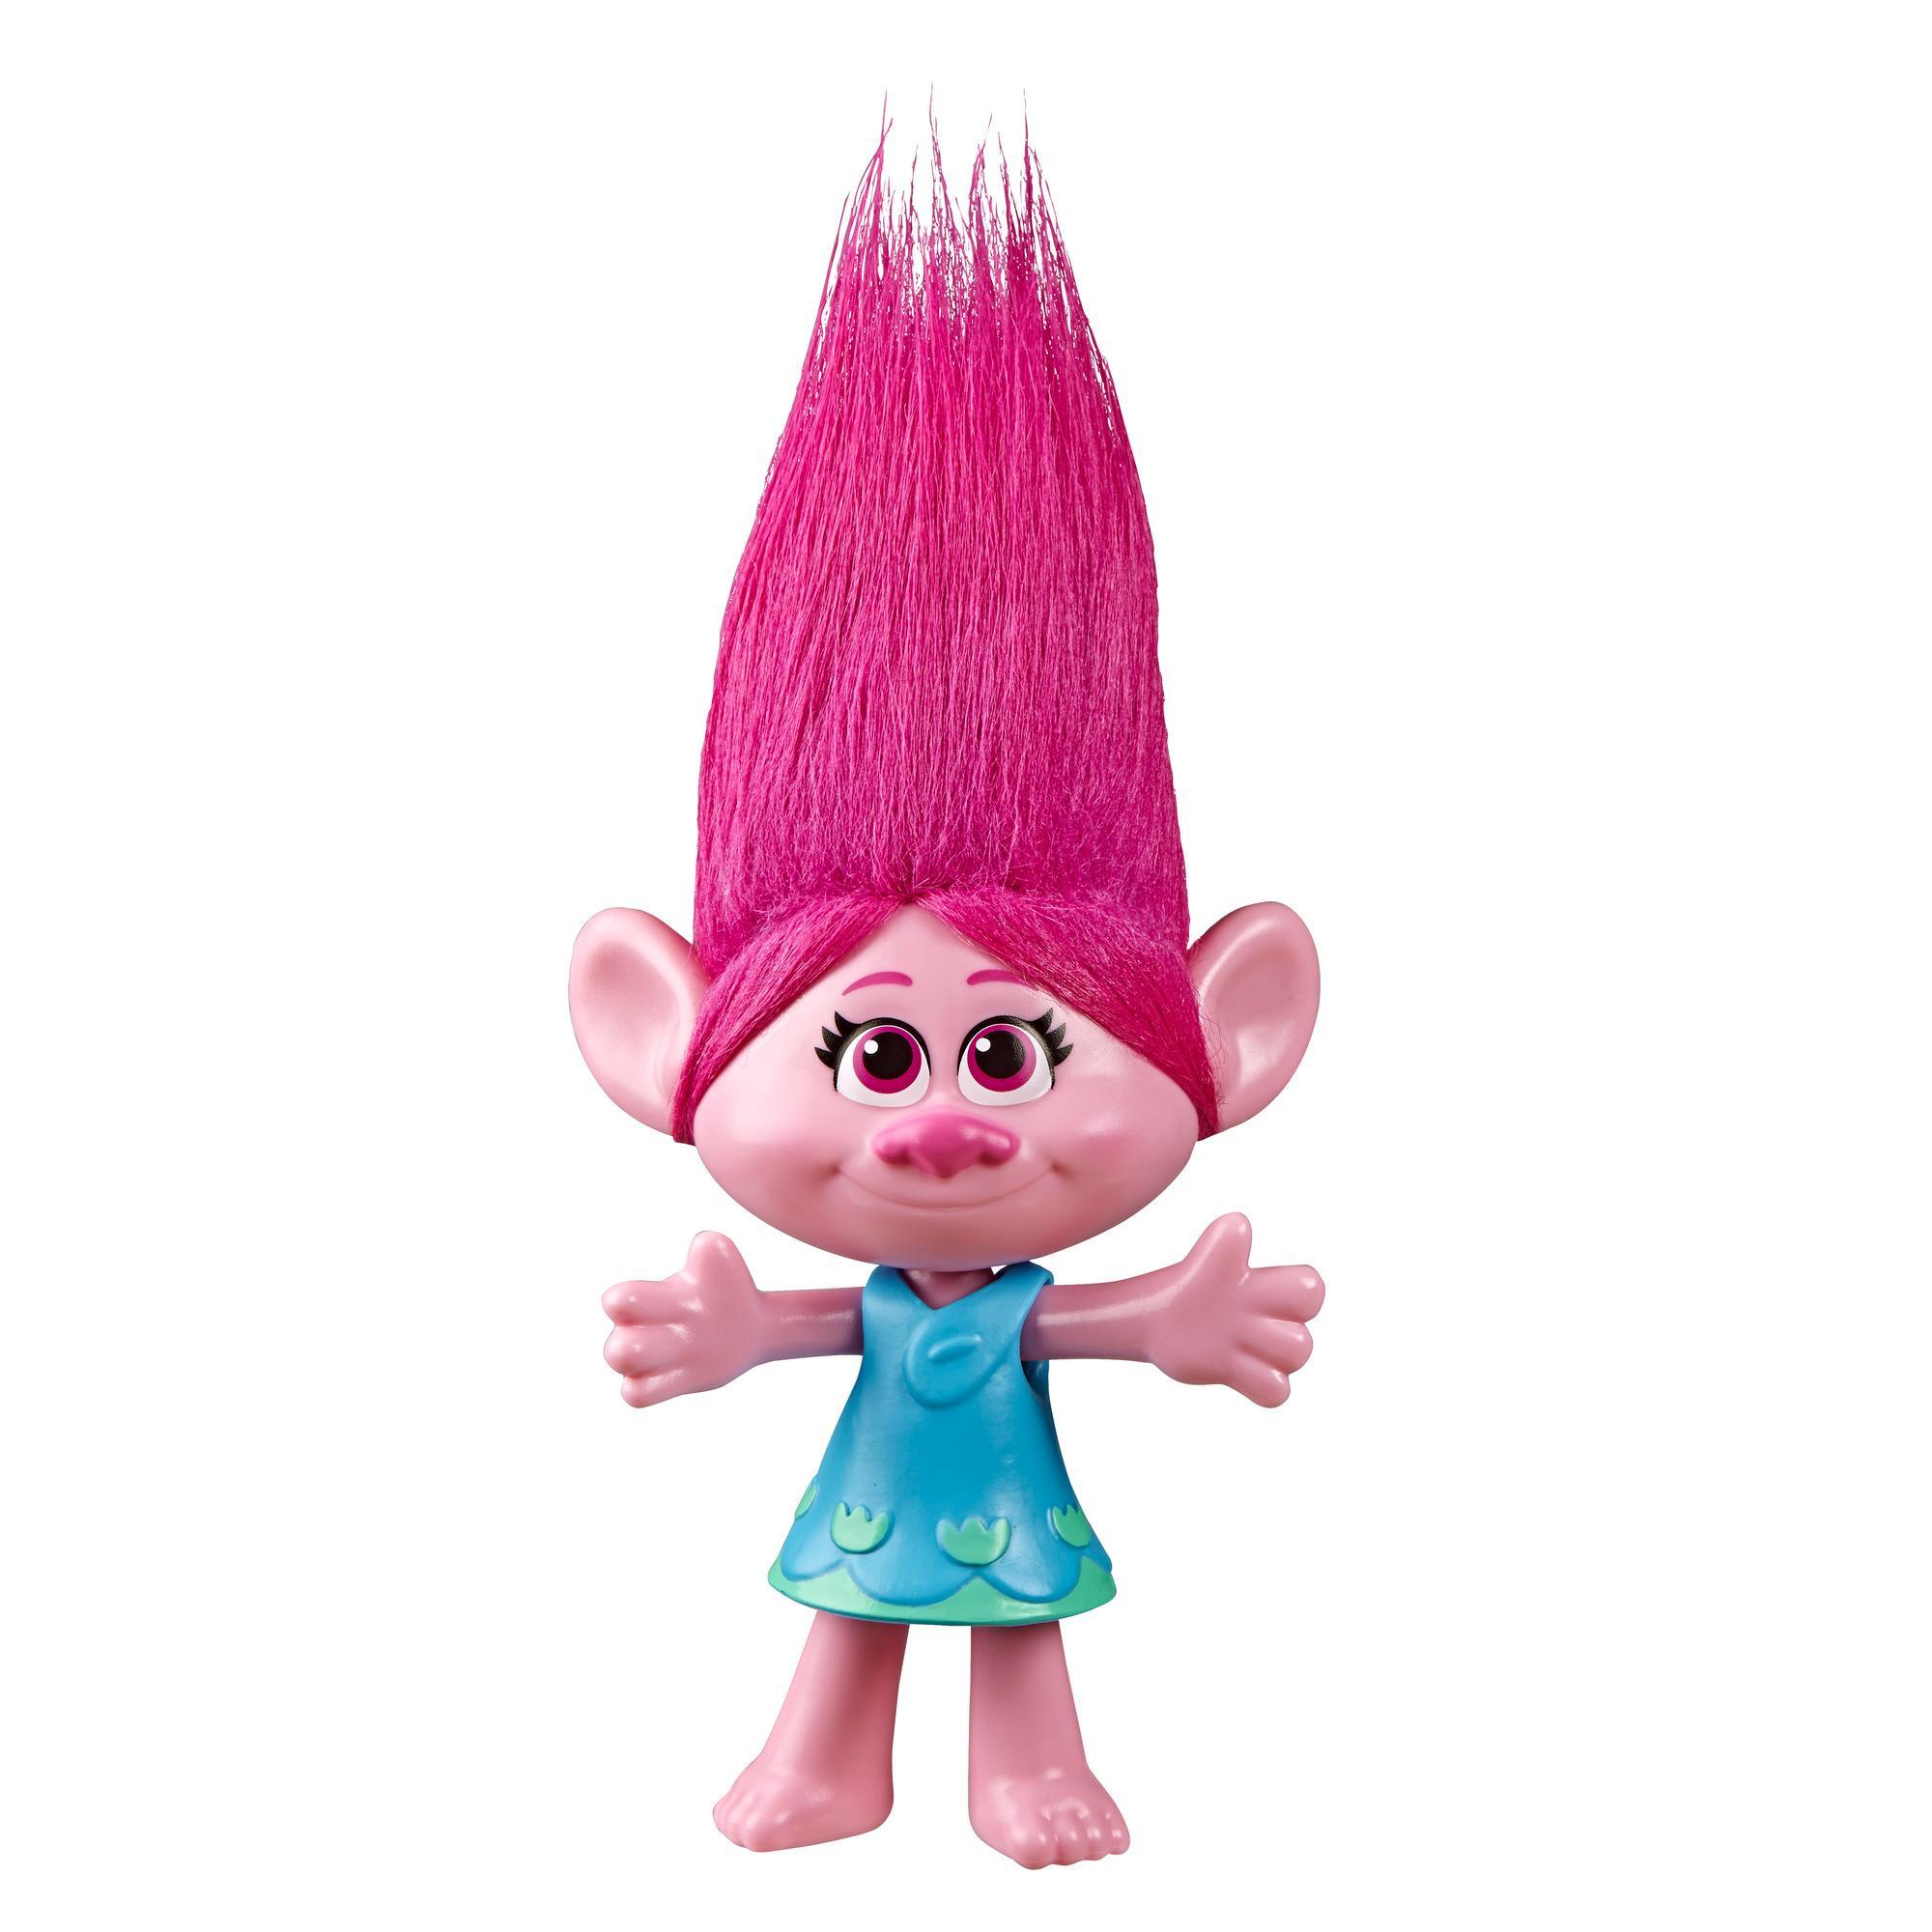 DreamWorks Trolls Poppy Puppe mit abnehmbarem Kleid, inspiriert vom Film Trolls World Tour, Spielzeug für Mädchen ab 4 Jahren